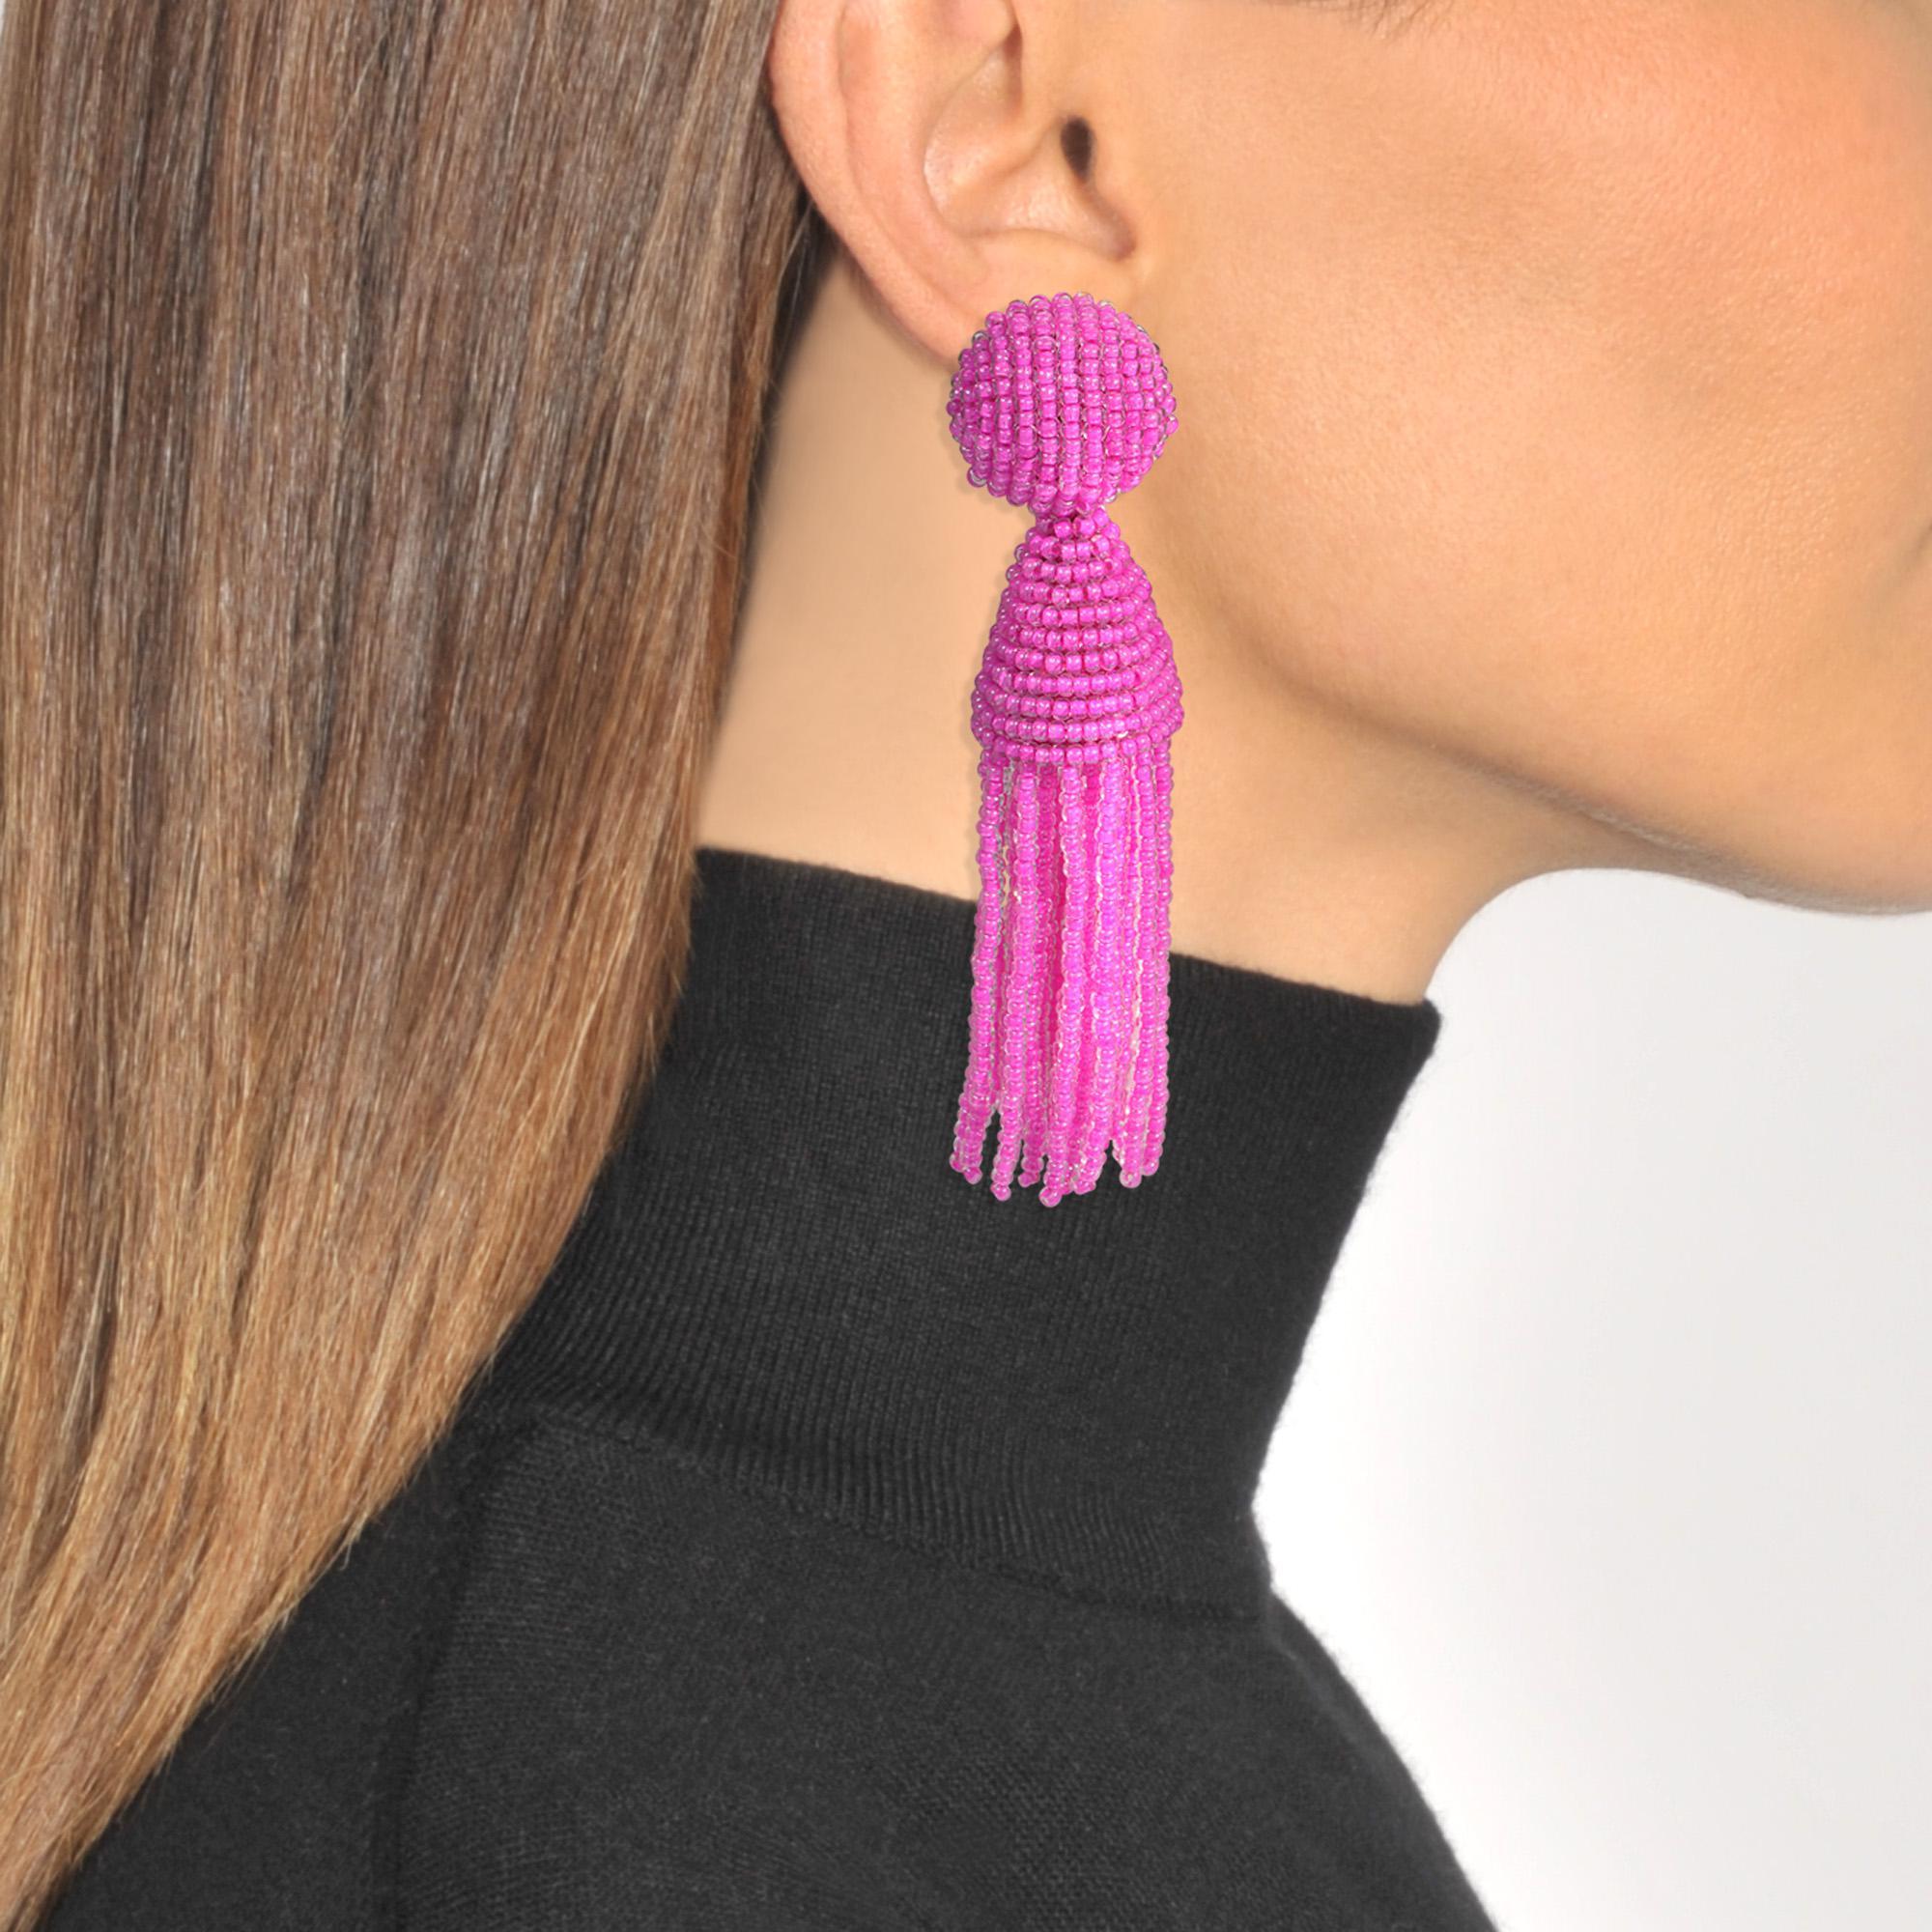 Oscar De La Renta Short Beaded Tassel Clip Earrings in Silver Synthetic Material XEZiua